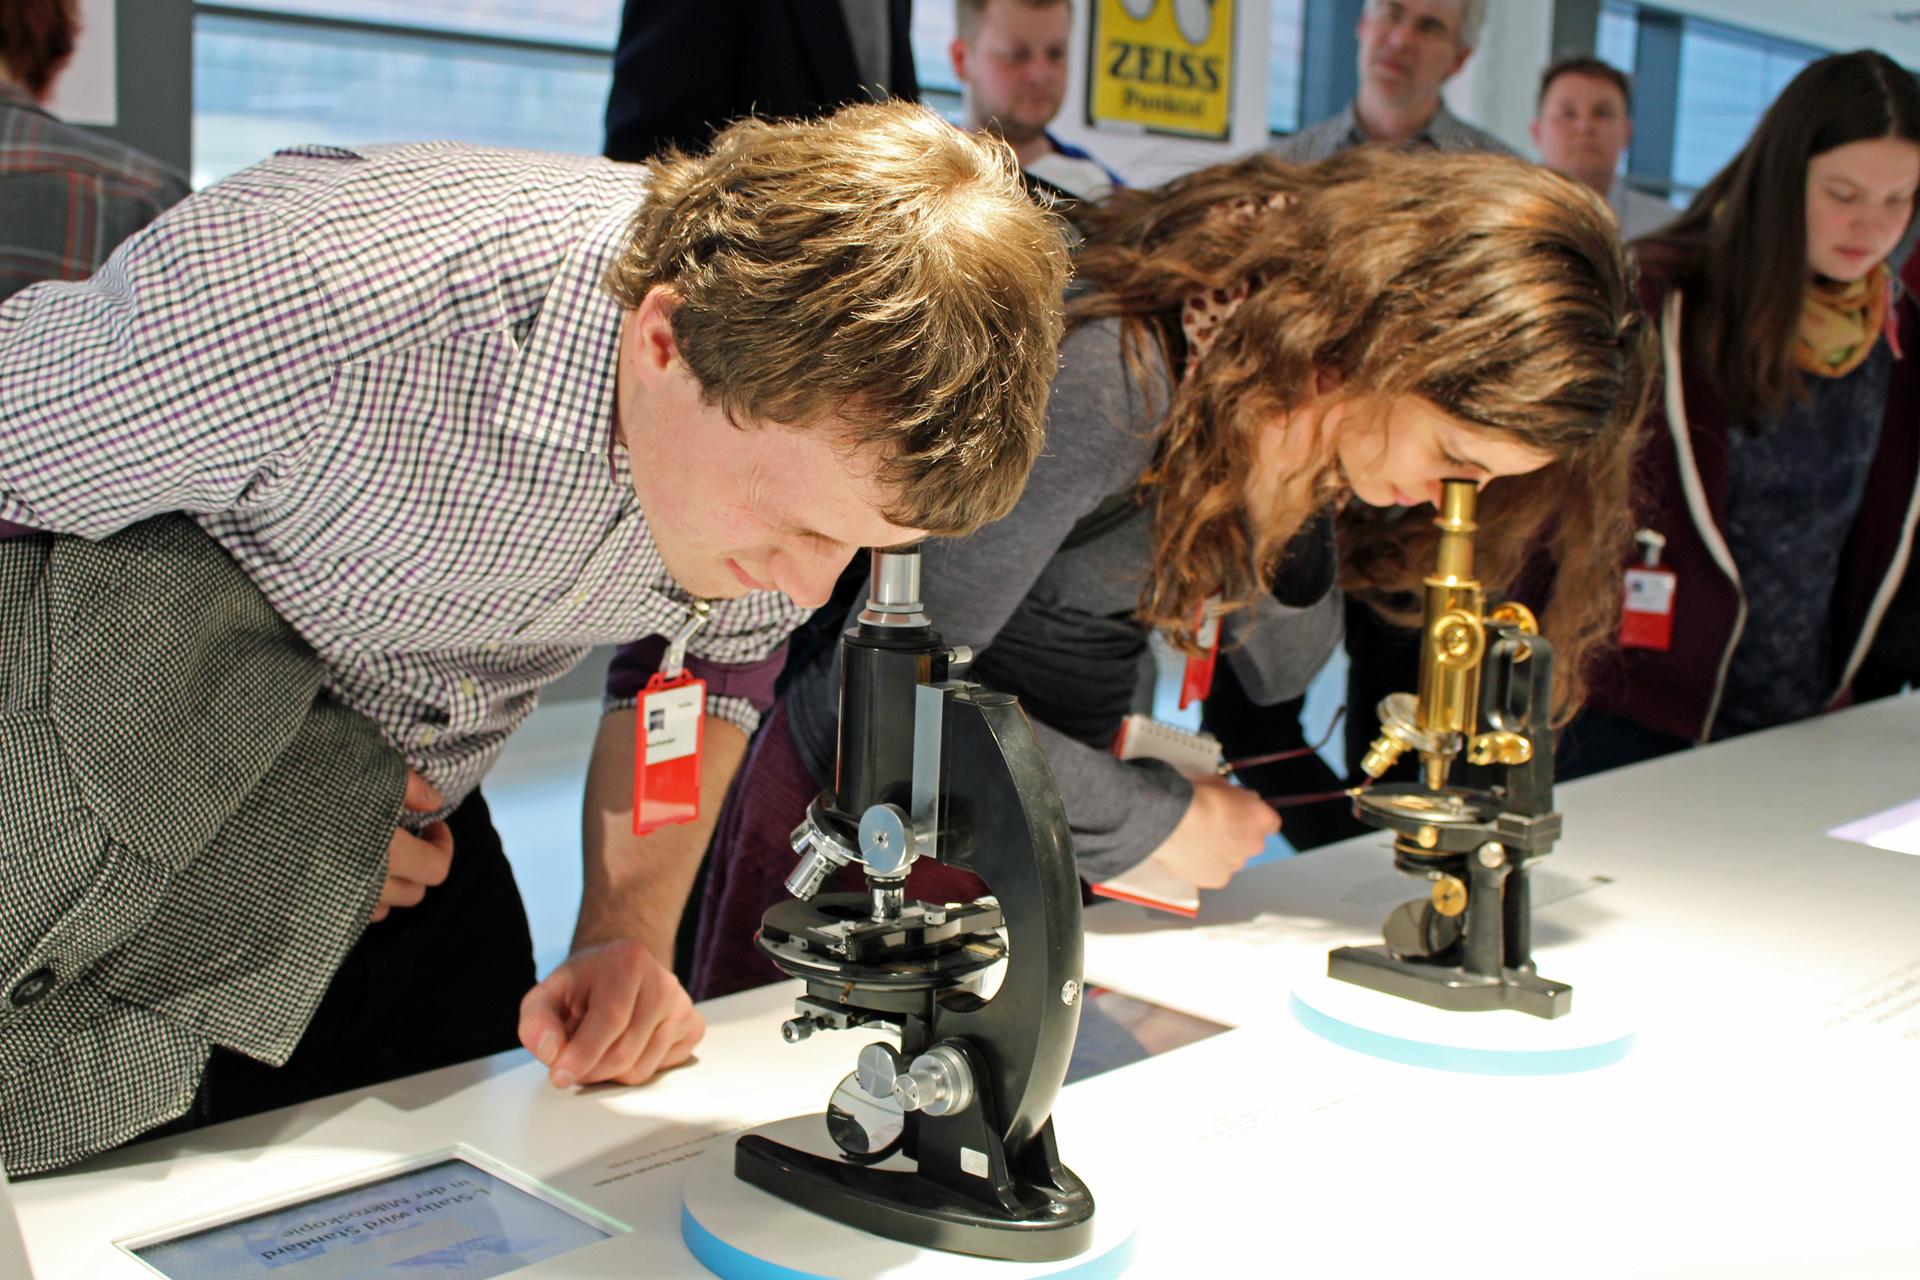 Ein Mann und eine Frau blicken durch zwei altmodische optische Mikroskope.